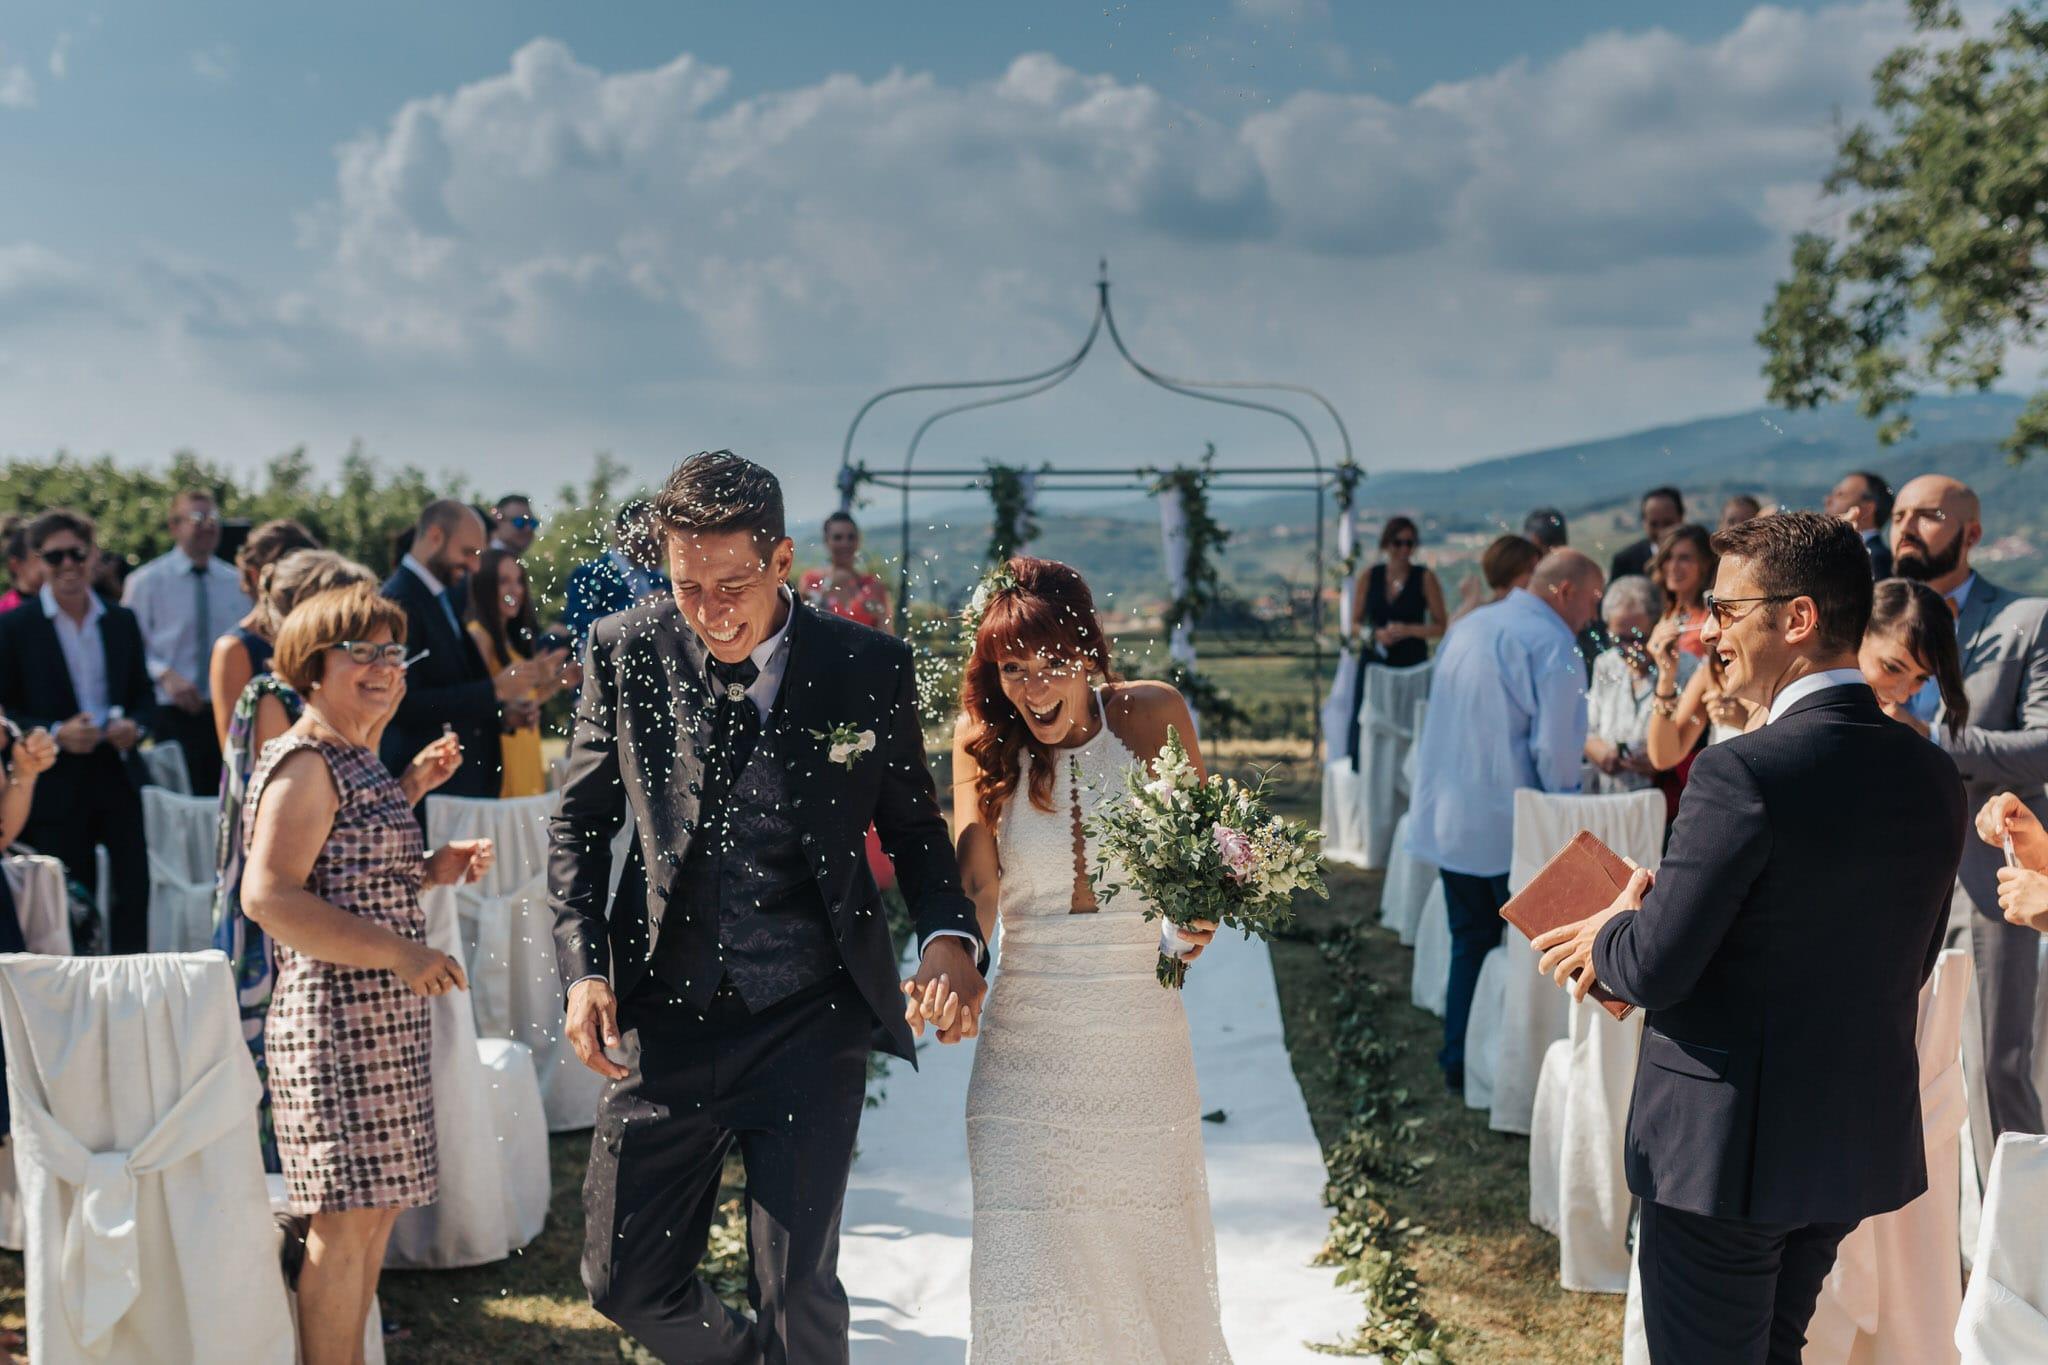 sposarsi all aperto organizzazione matrimonio